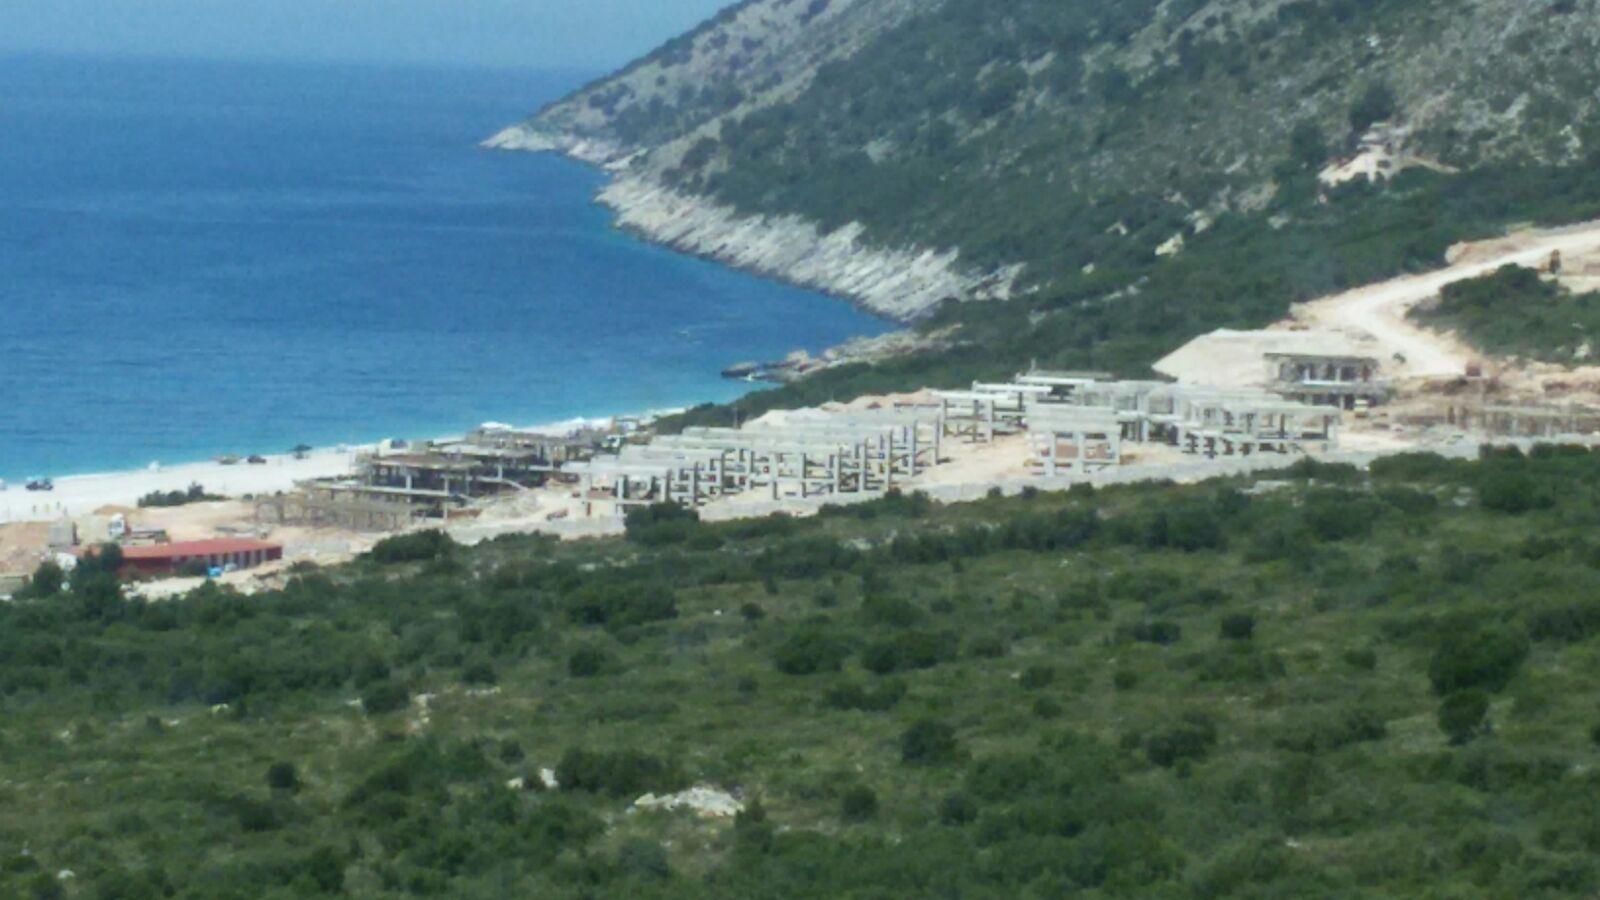 Si po grabiten pronat e bregdetit nga oligarkët në bashkëpunim me qeverinë